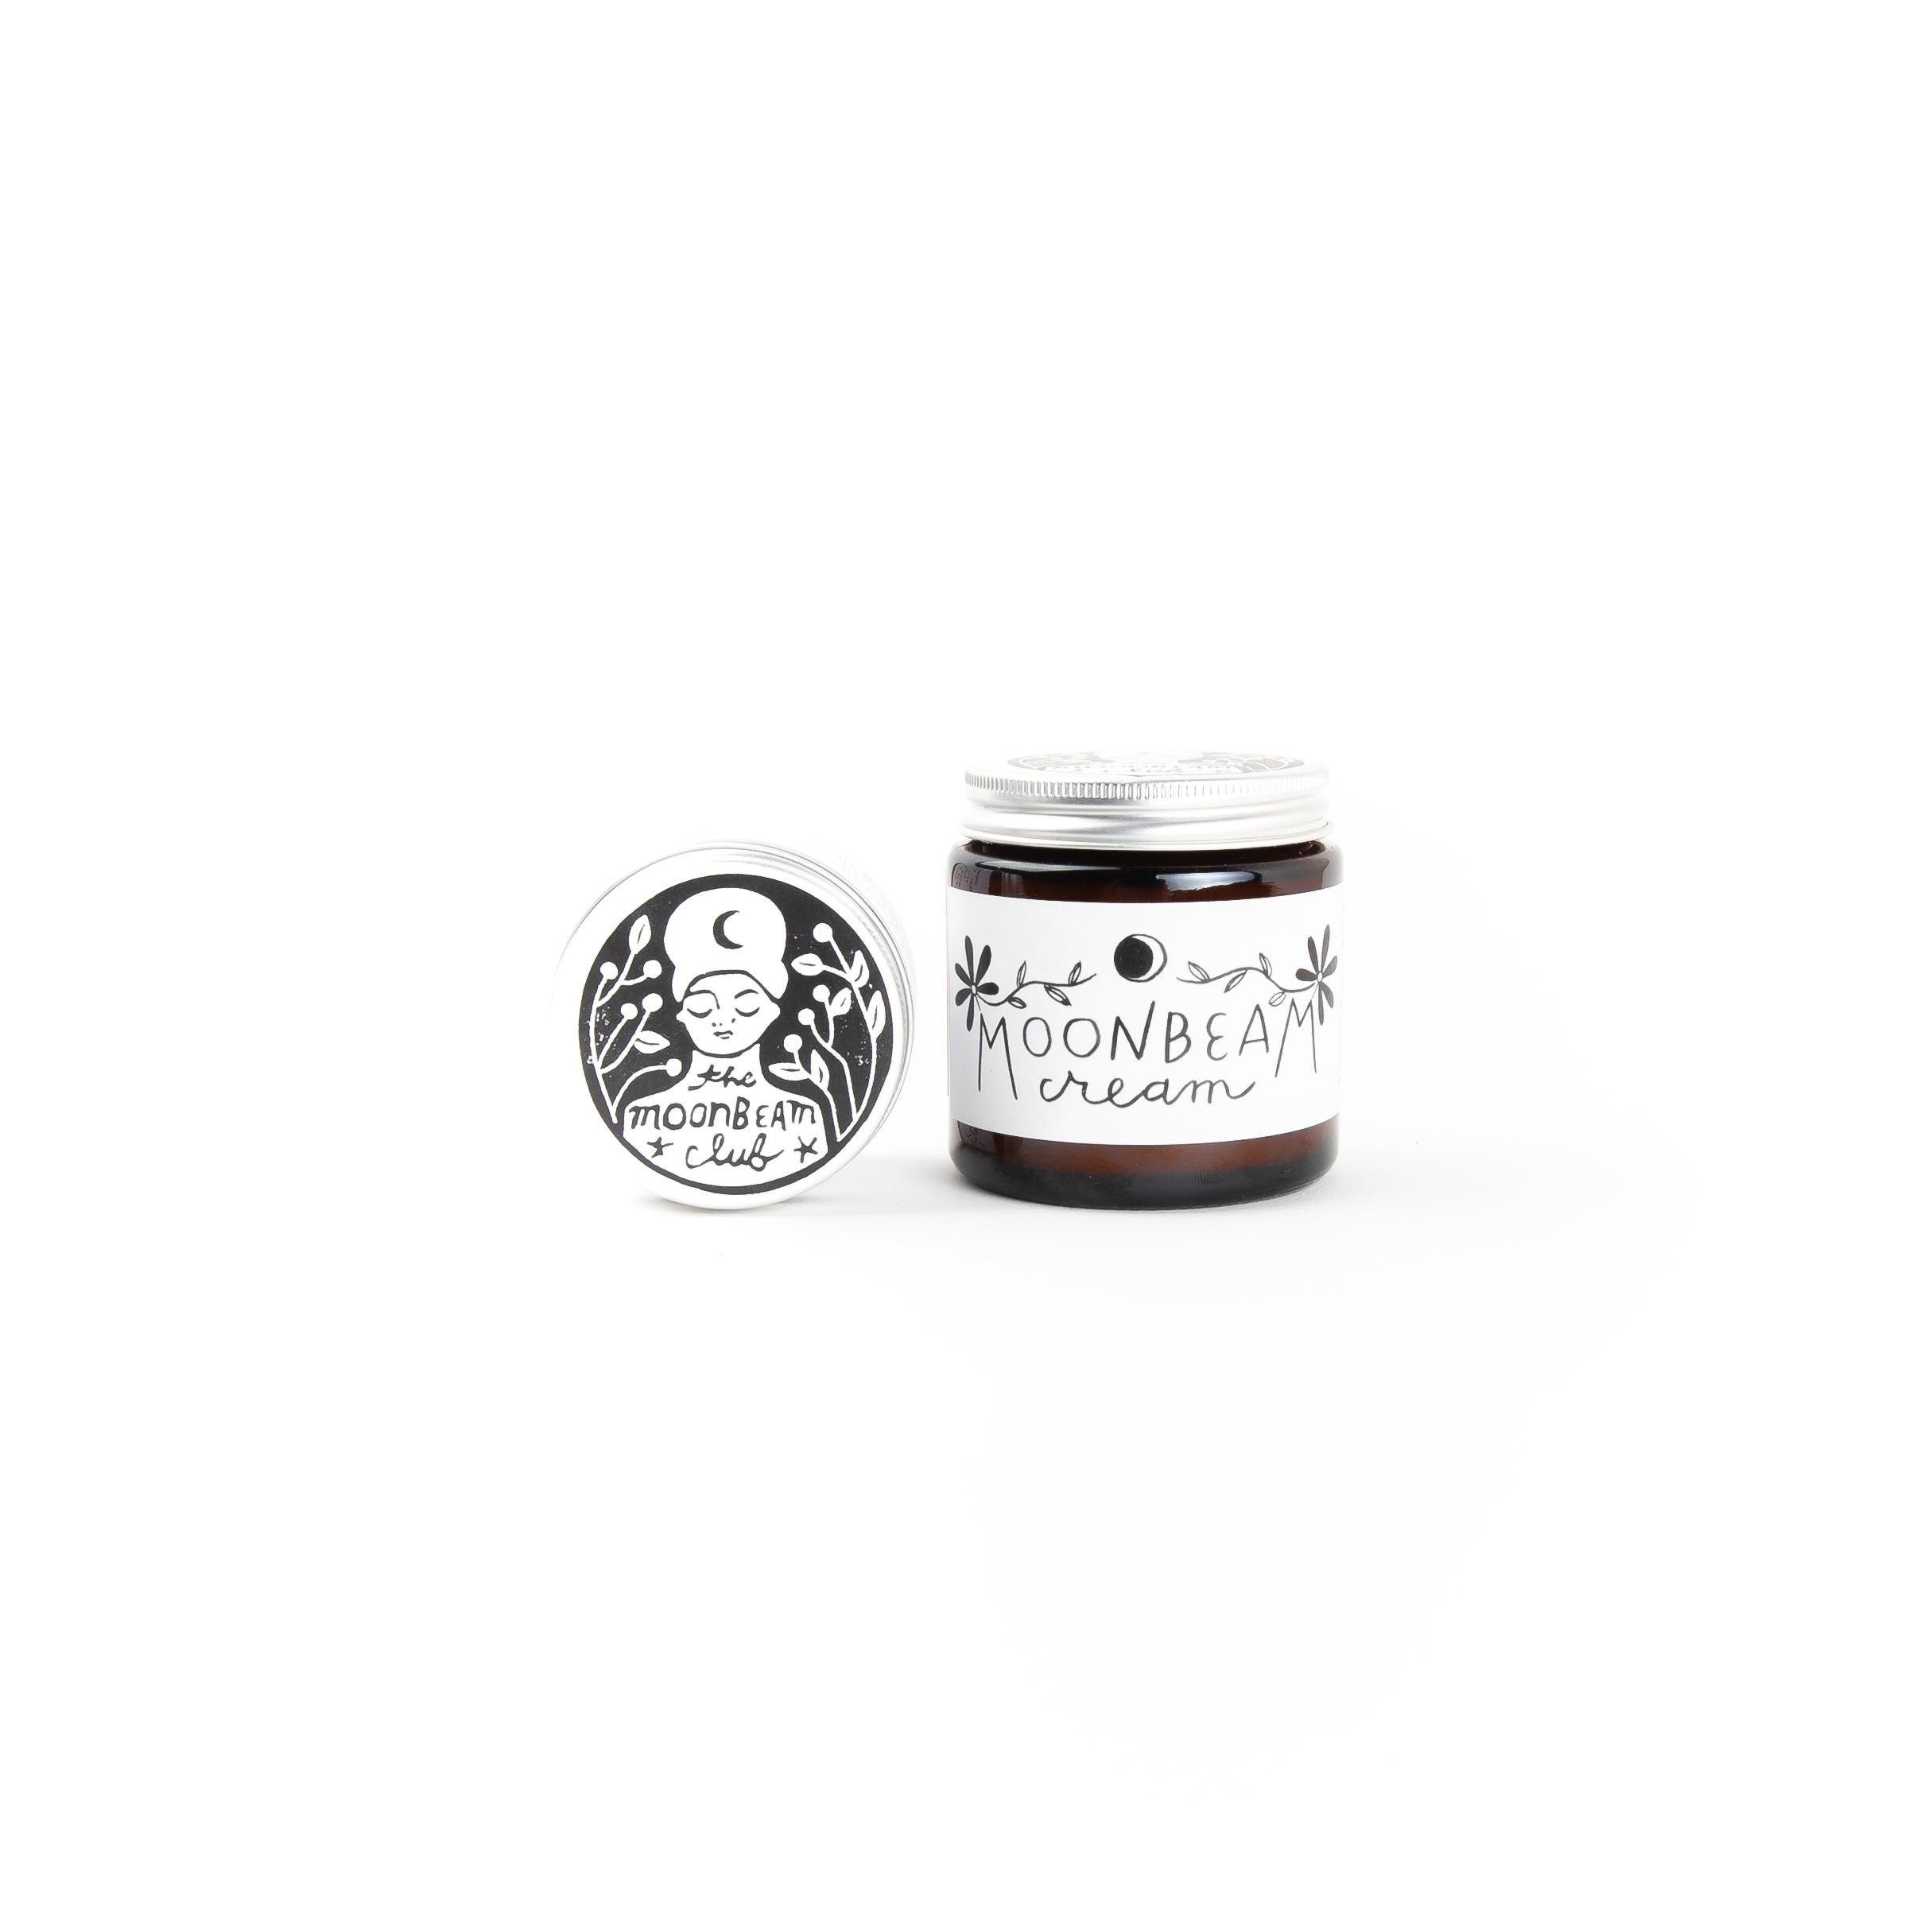 Moonbeam Cream